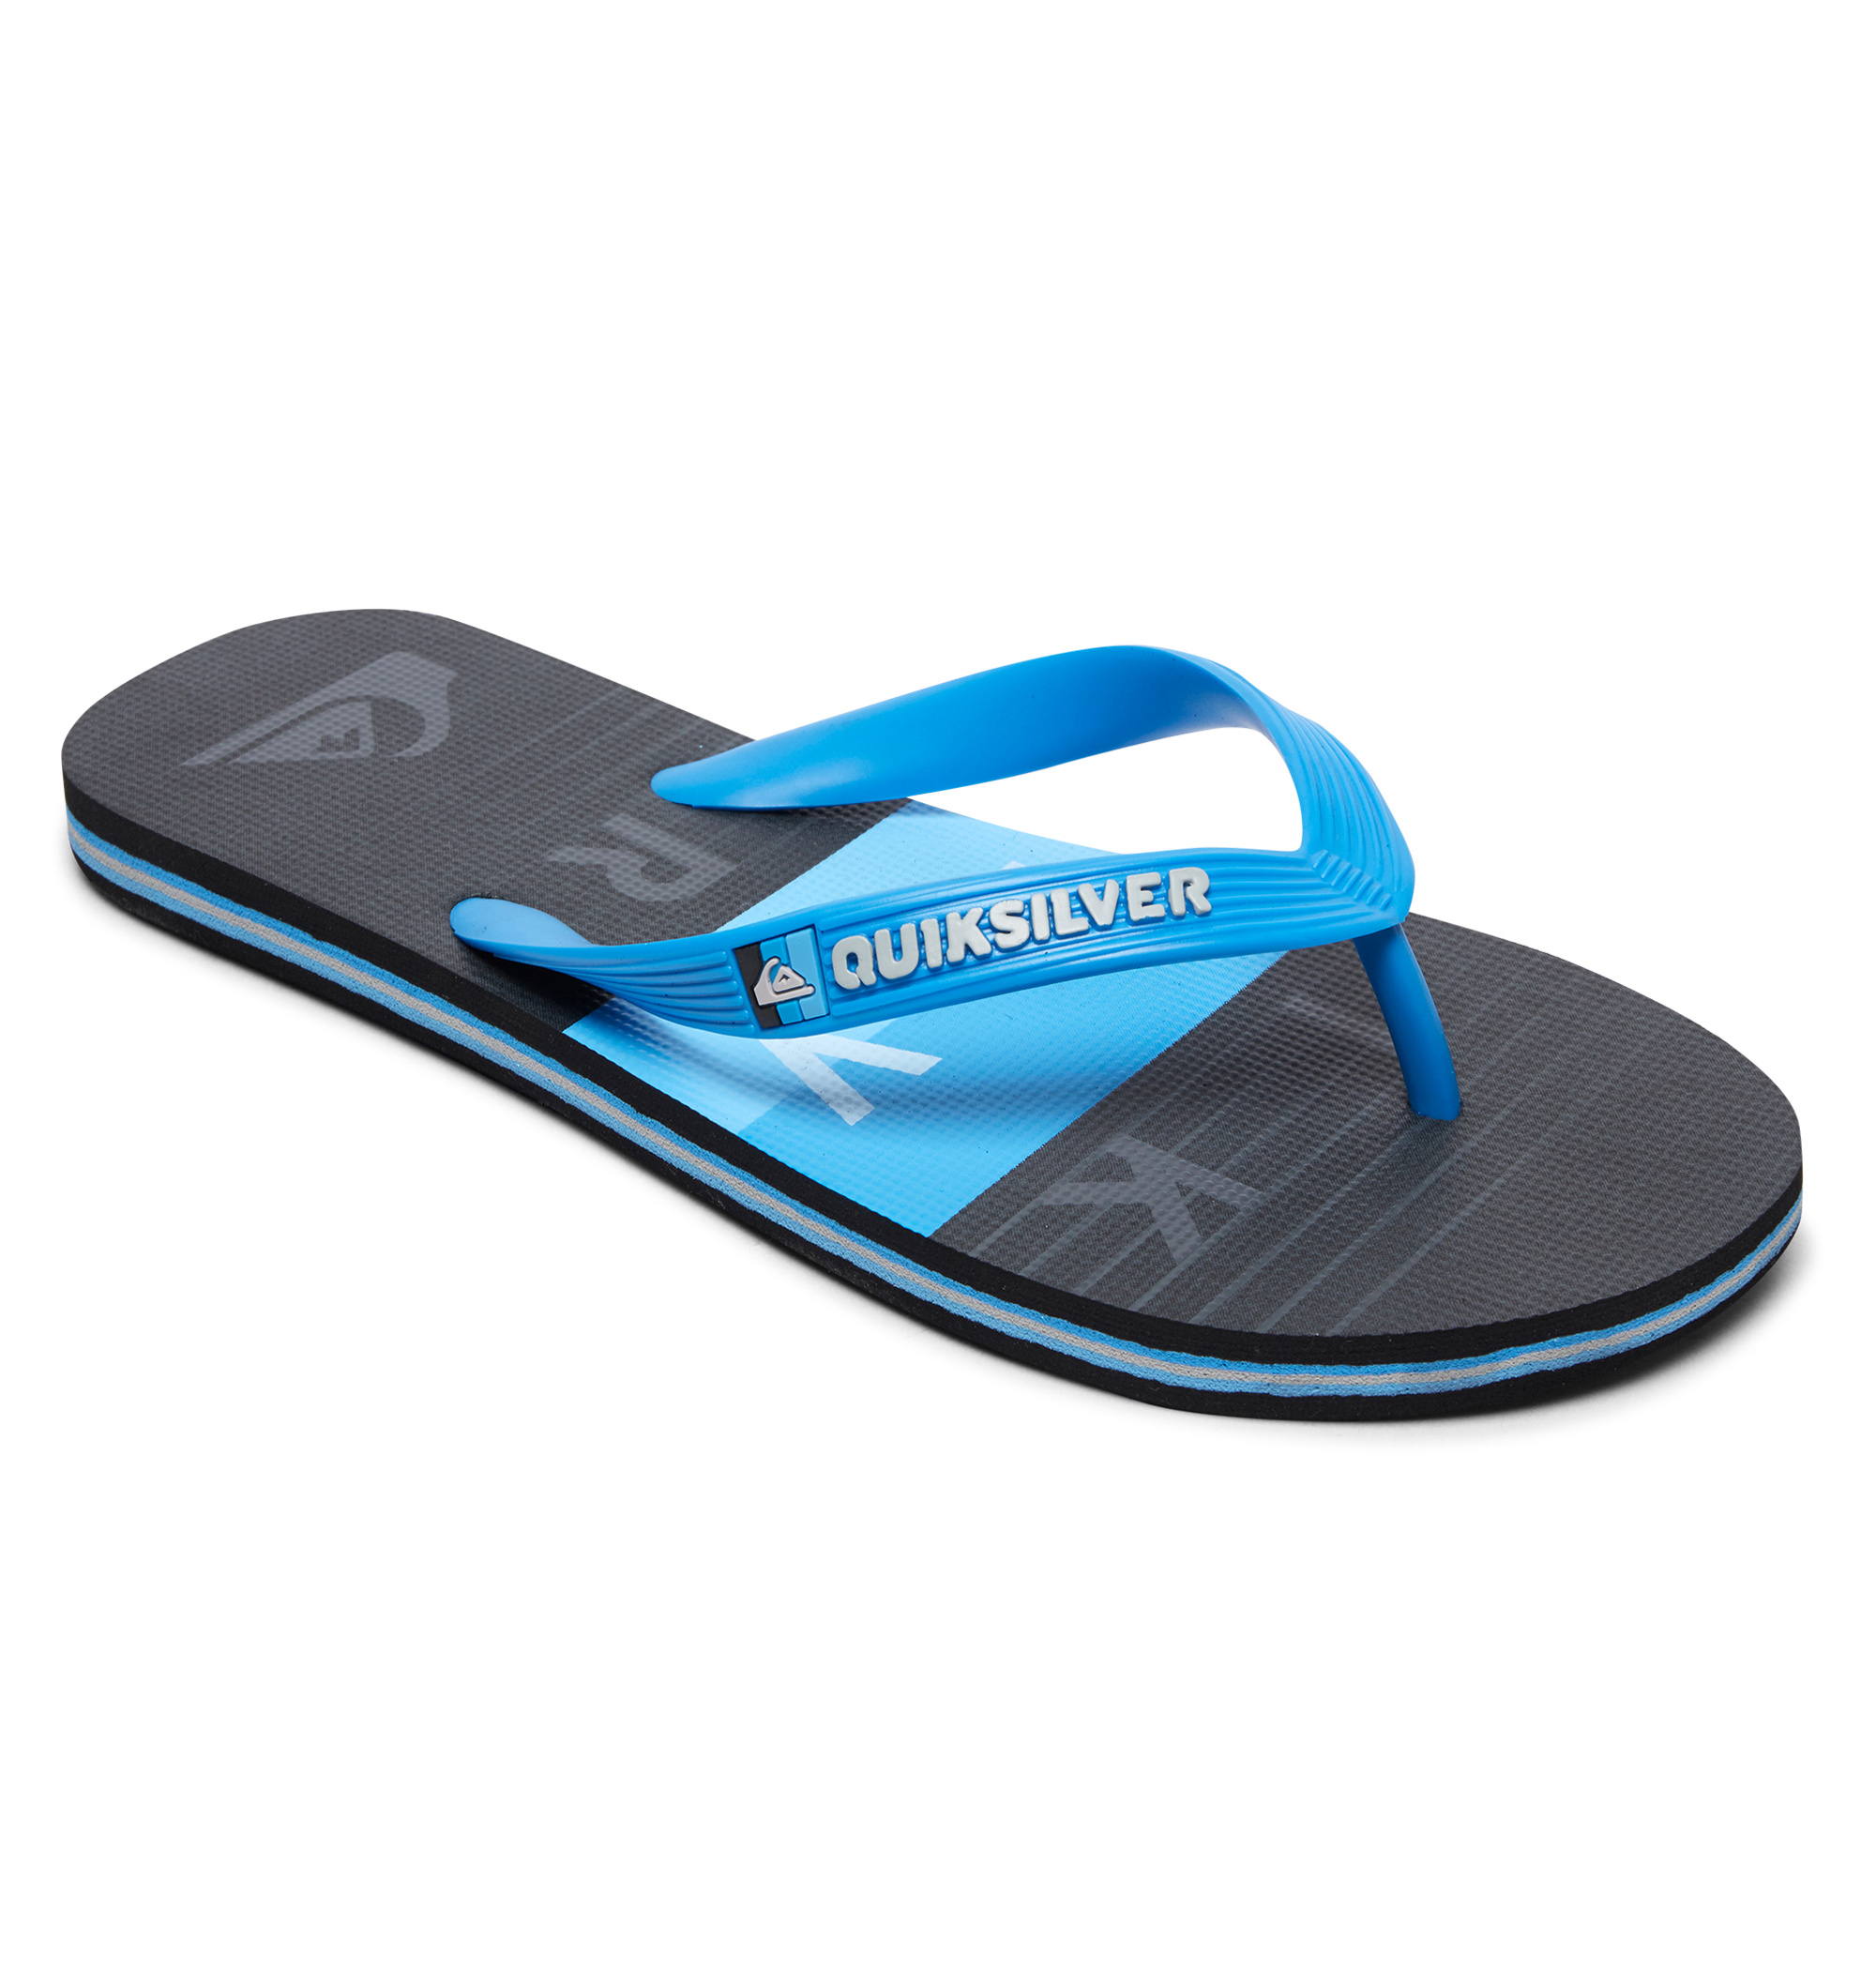 <Quiksilver> MOLOKAI WORD BLOCK YOUTH フレキシブルにフィットする3点留めのストラップで、歩きやすく快適な履き心地をサポートしたビーチサンダル